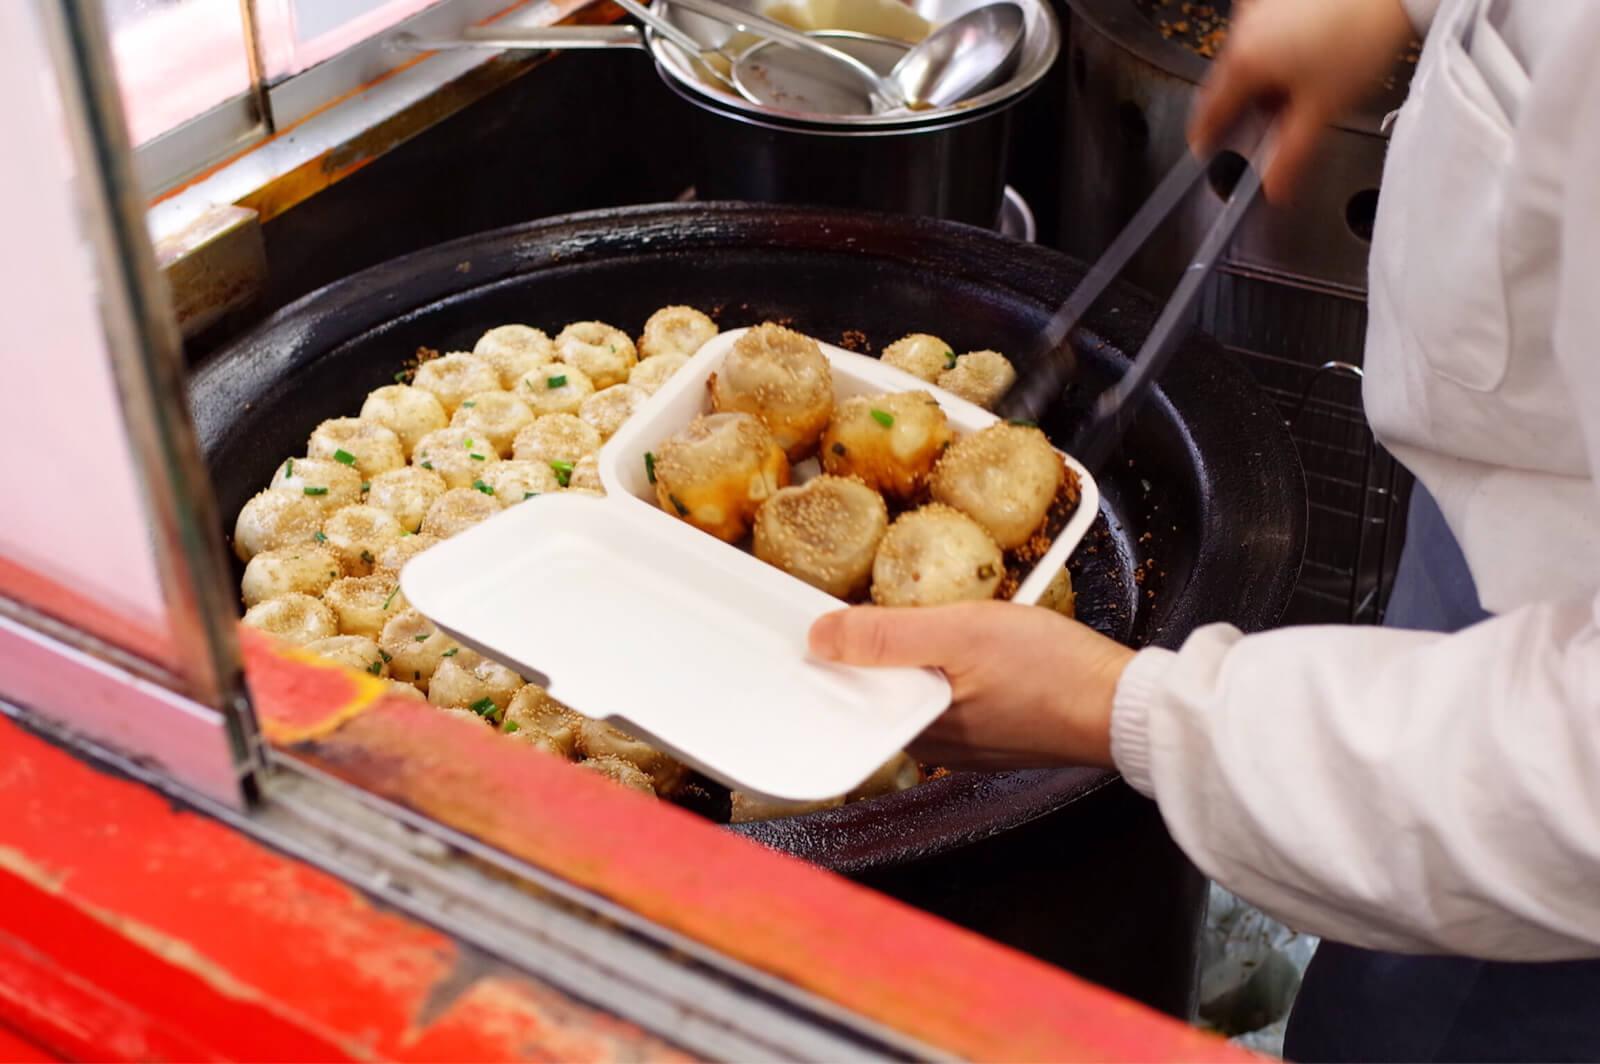 小陽生煎饅頭屋 職人芸